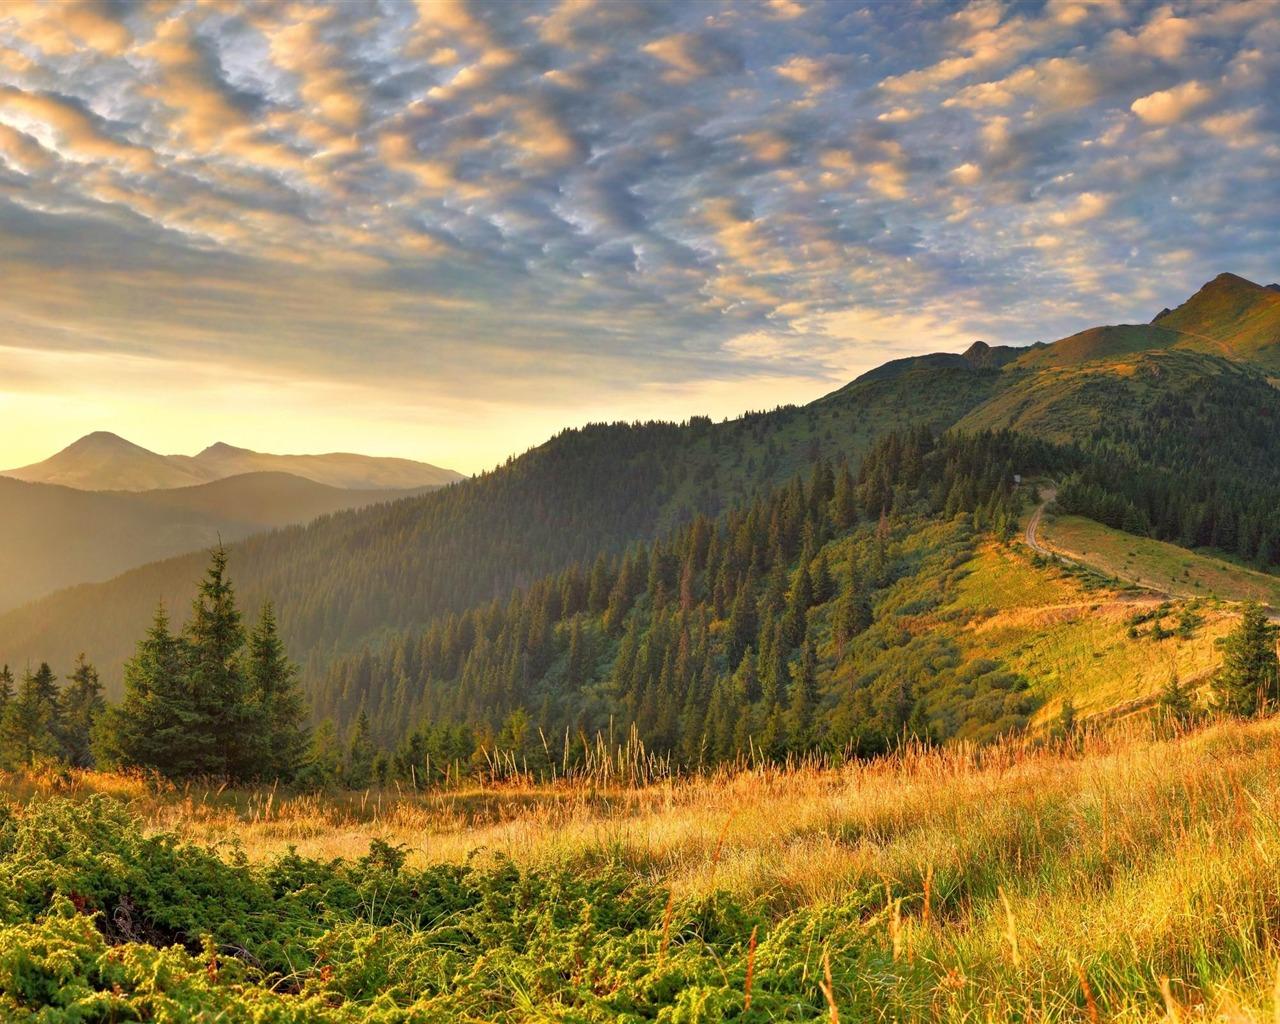 描述: 山上植被菌群-自然高清壁纸 当前壁纸尺寸: 1280 x 1024图片